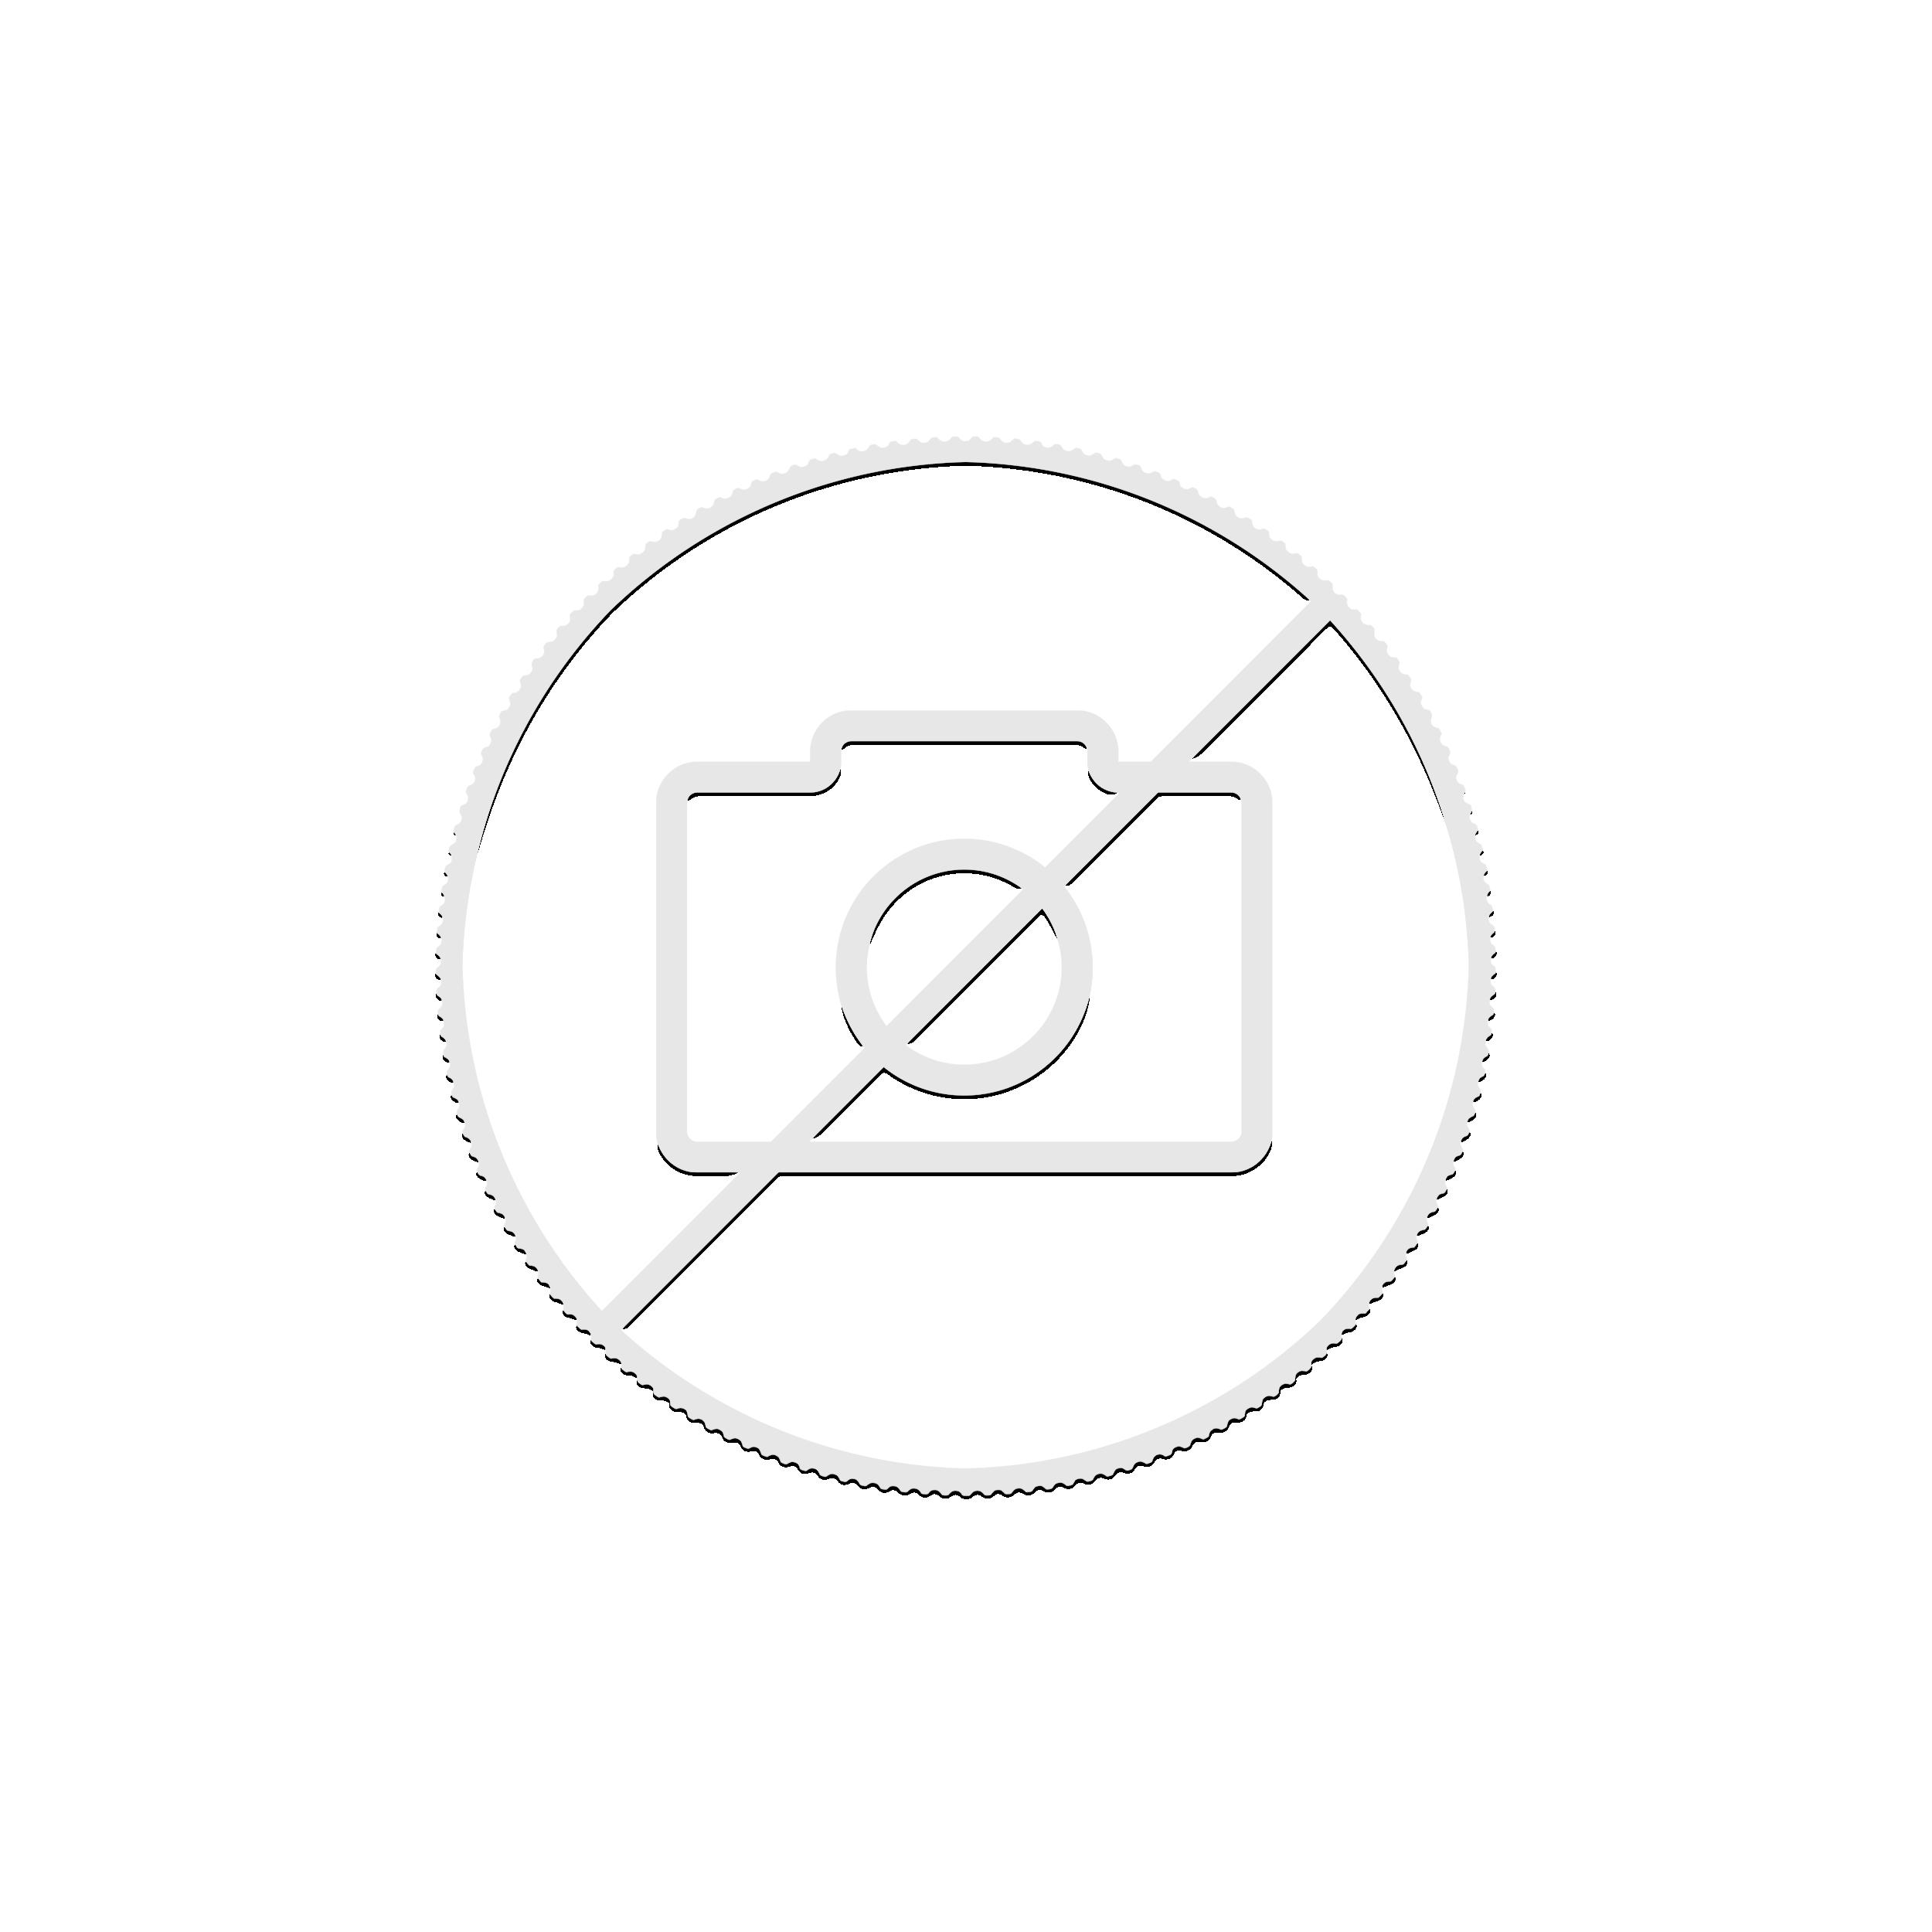 1/4 Troy ounce gold coin Lunar 2011